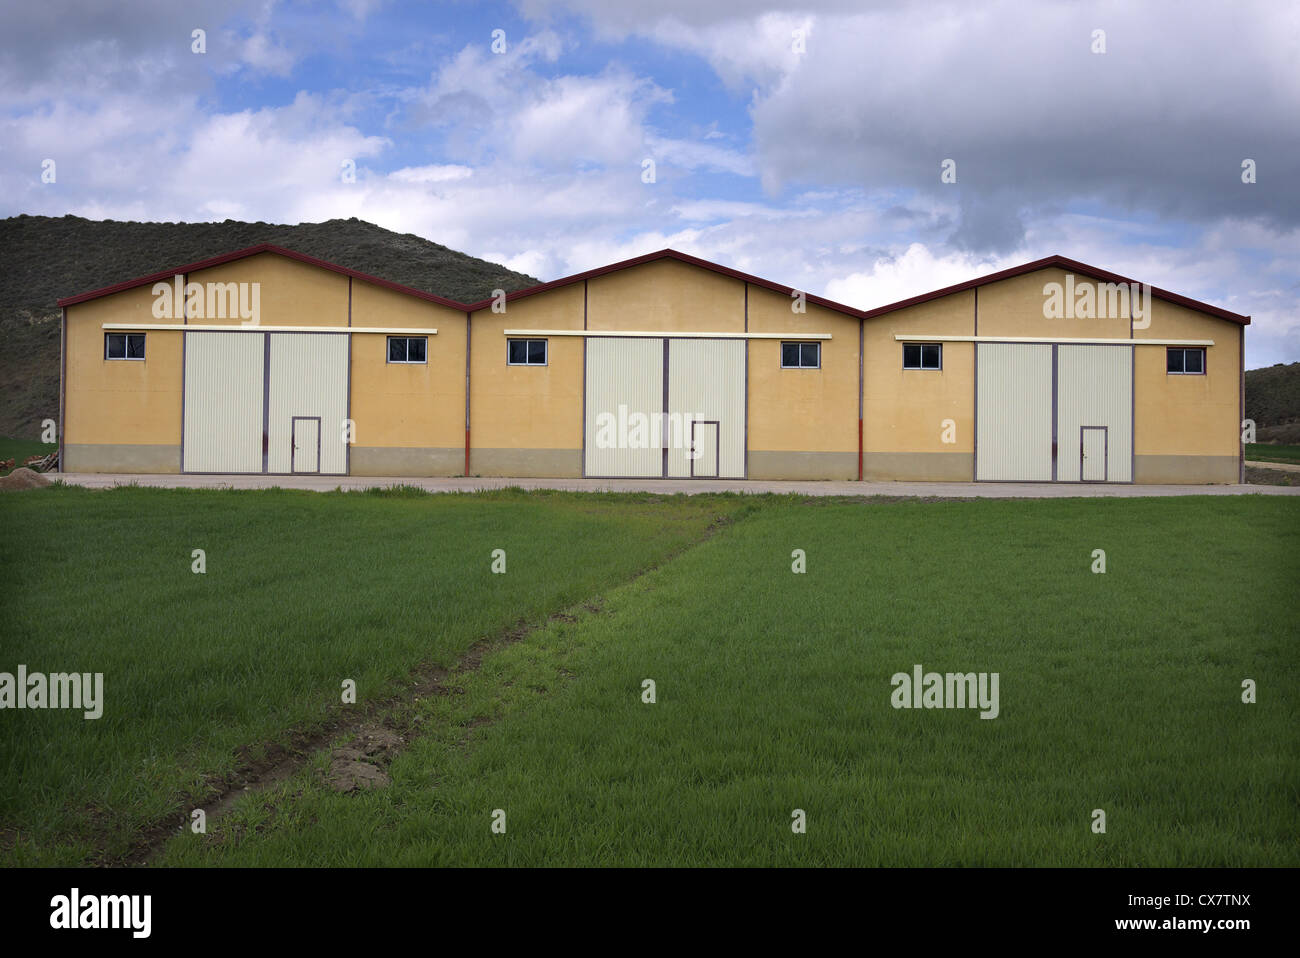 Three factory units in Castilla y Leon, Spain. - Stock Image